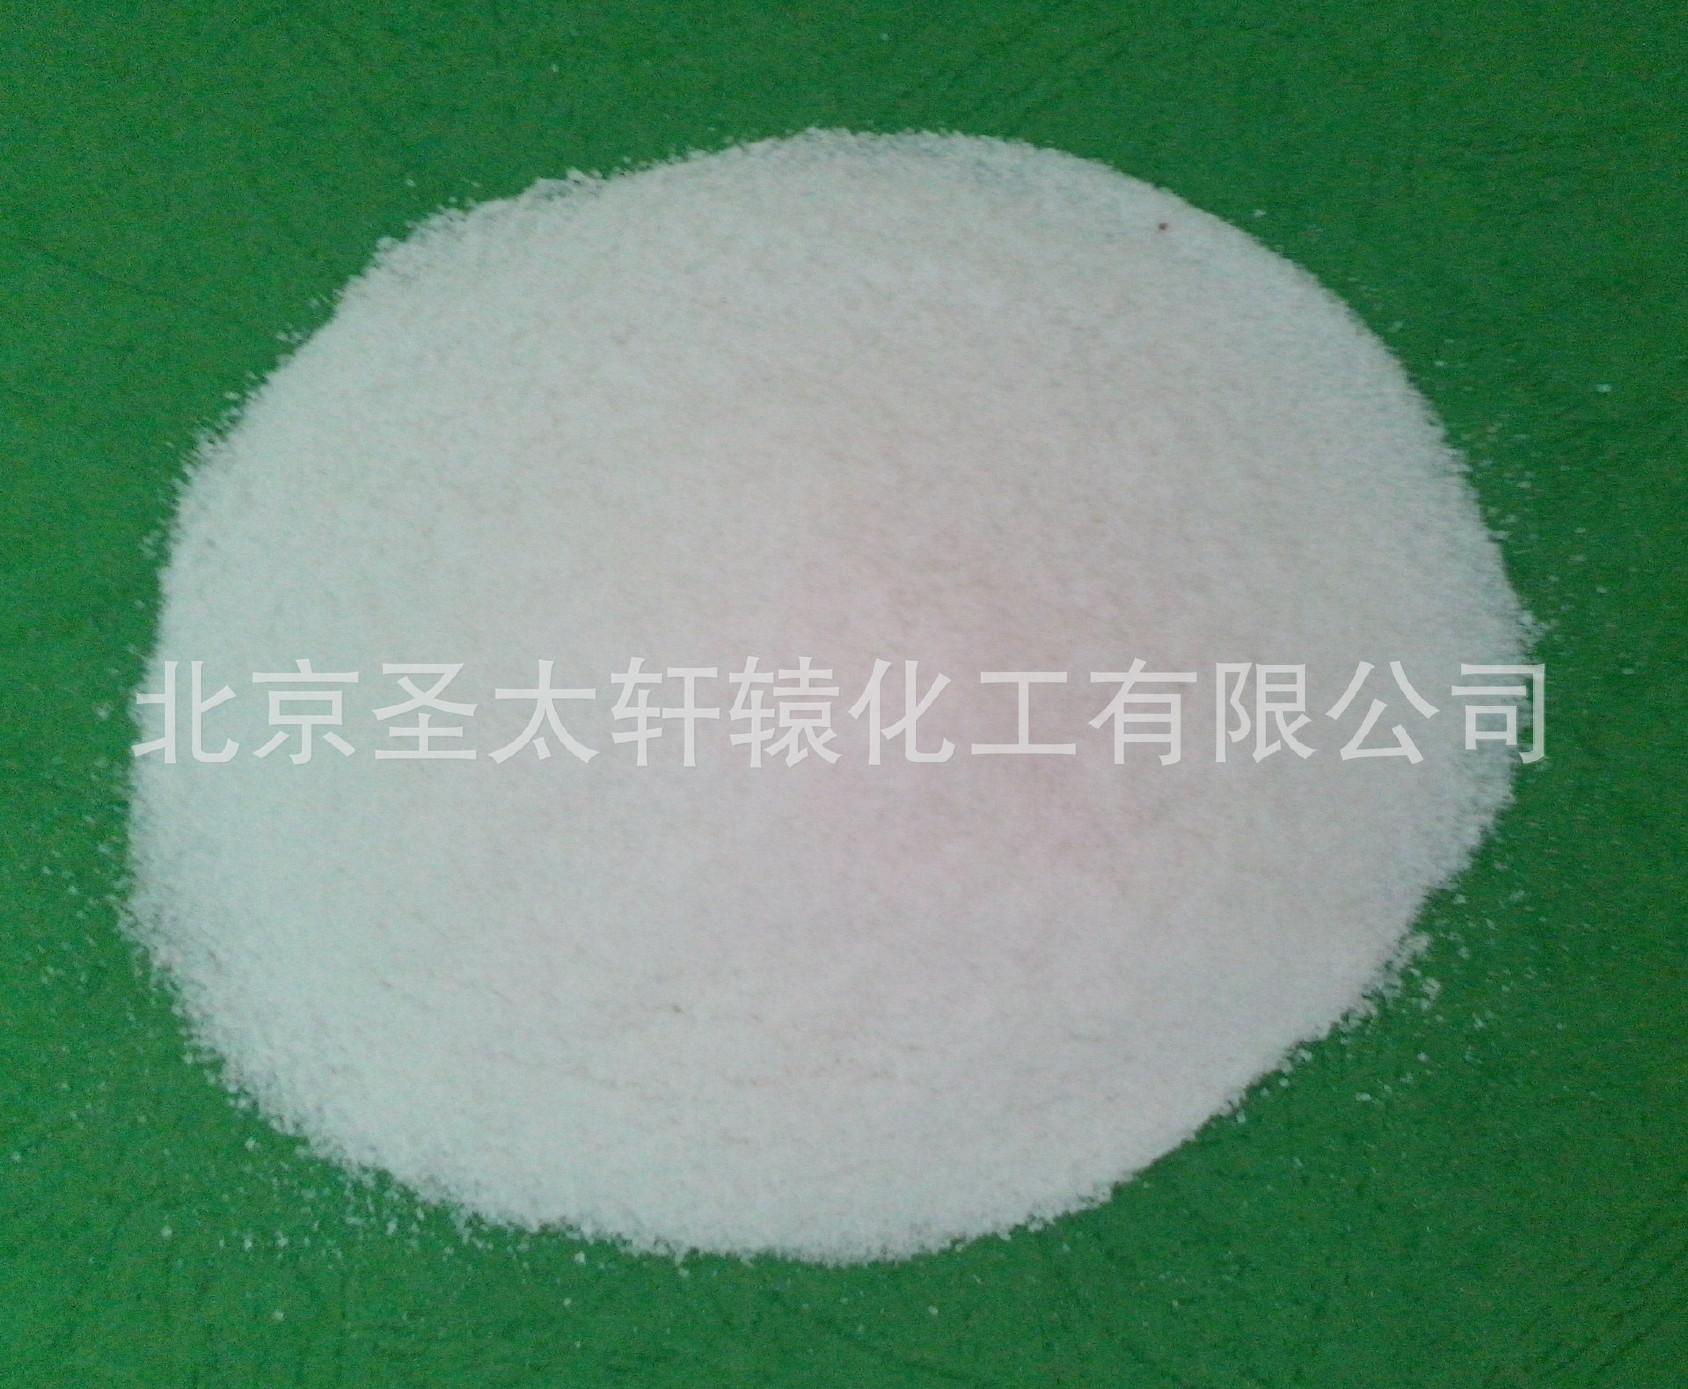 厂家直销 绿色环保融雪剂 道路融雪剂  低温融雪剂 除冰剂示例图35